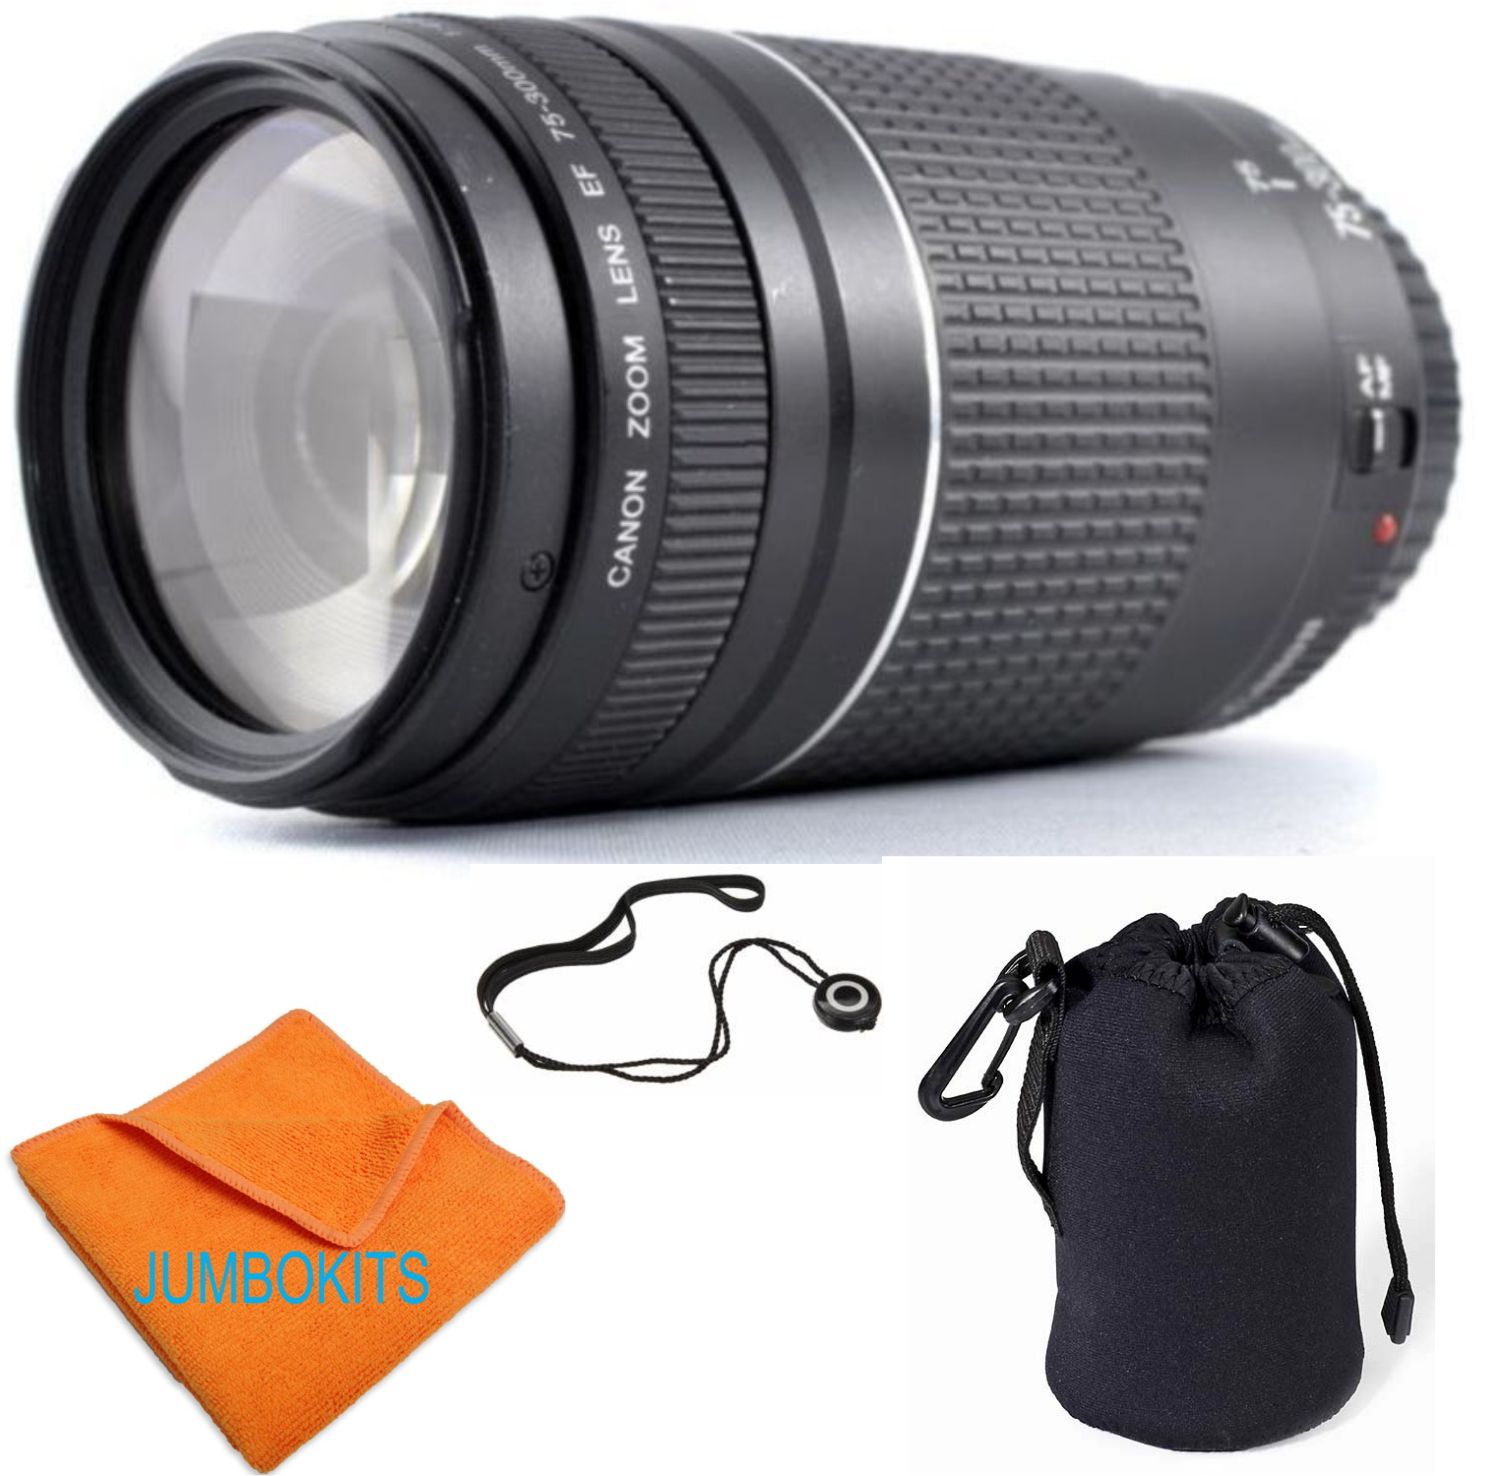 Canon EF 75-300mm f/4.0-5.6 III Autofocus Lens - Brand New